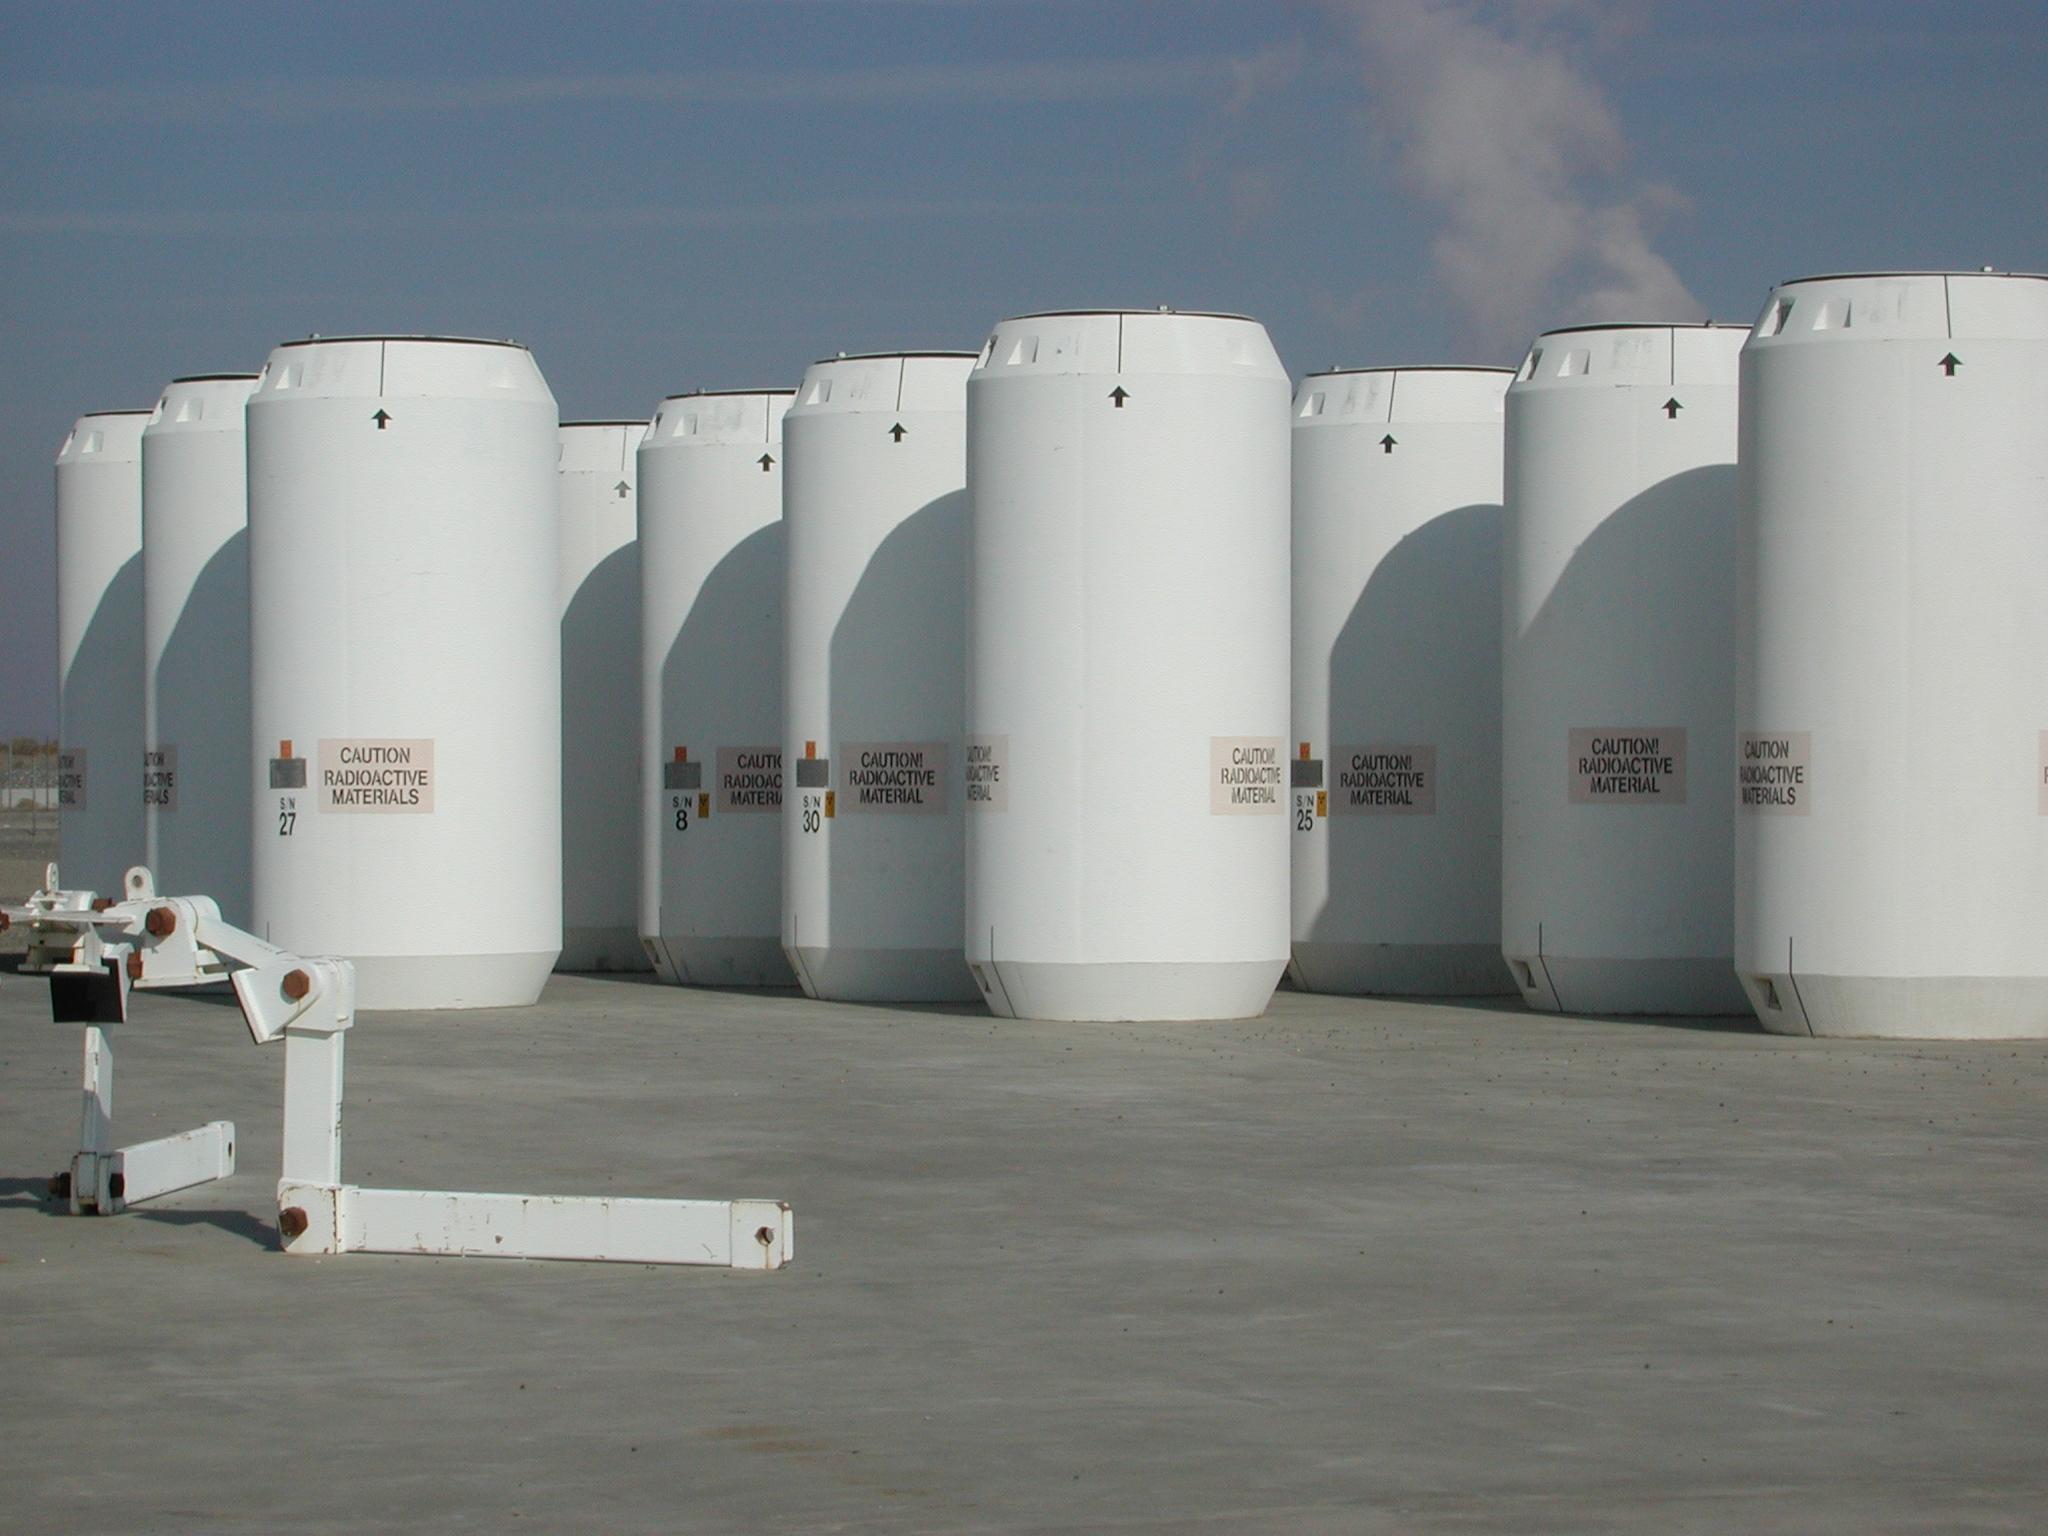 Storage casks